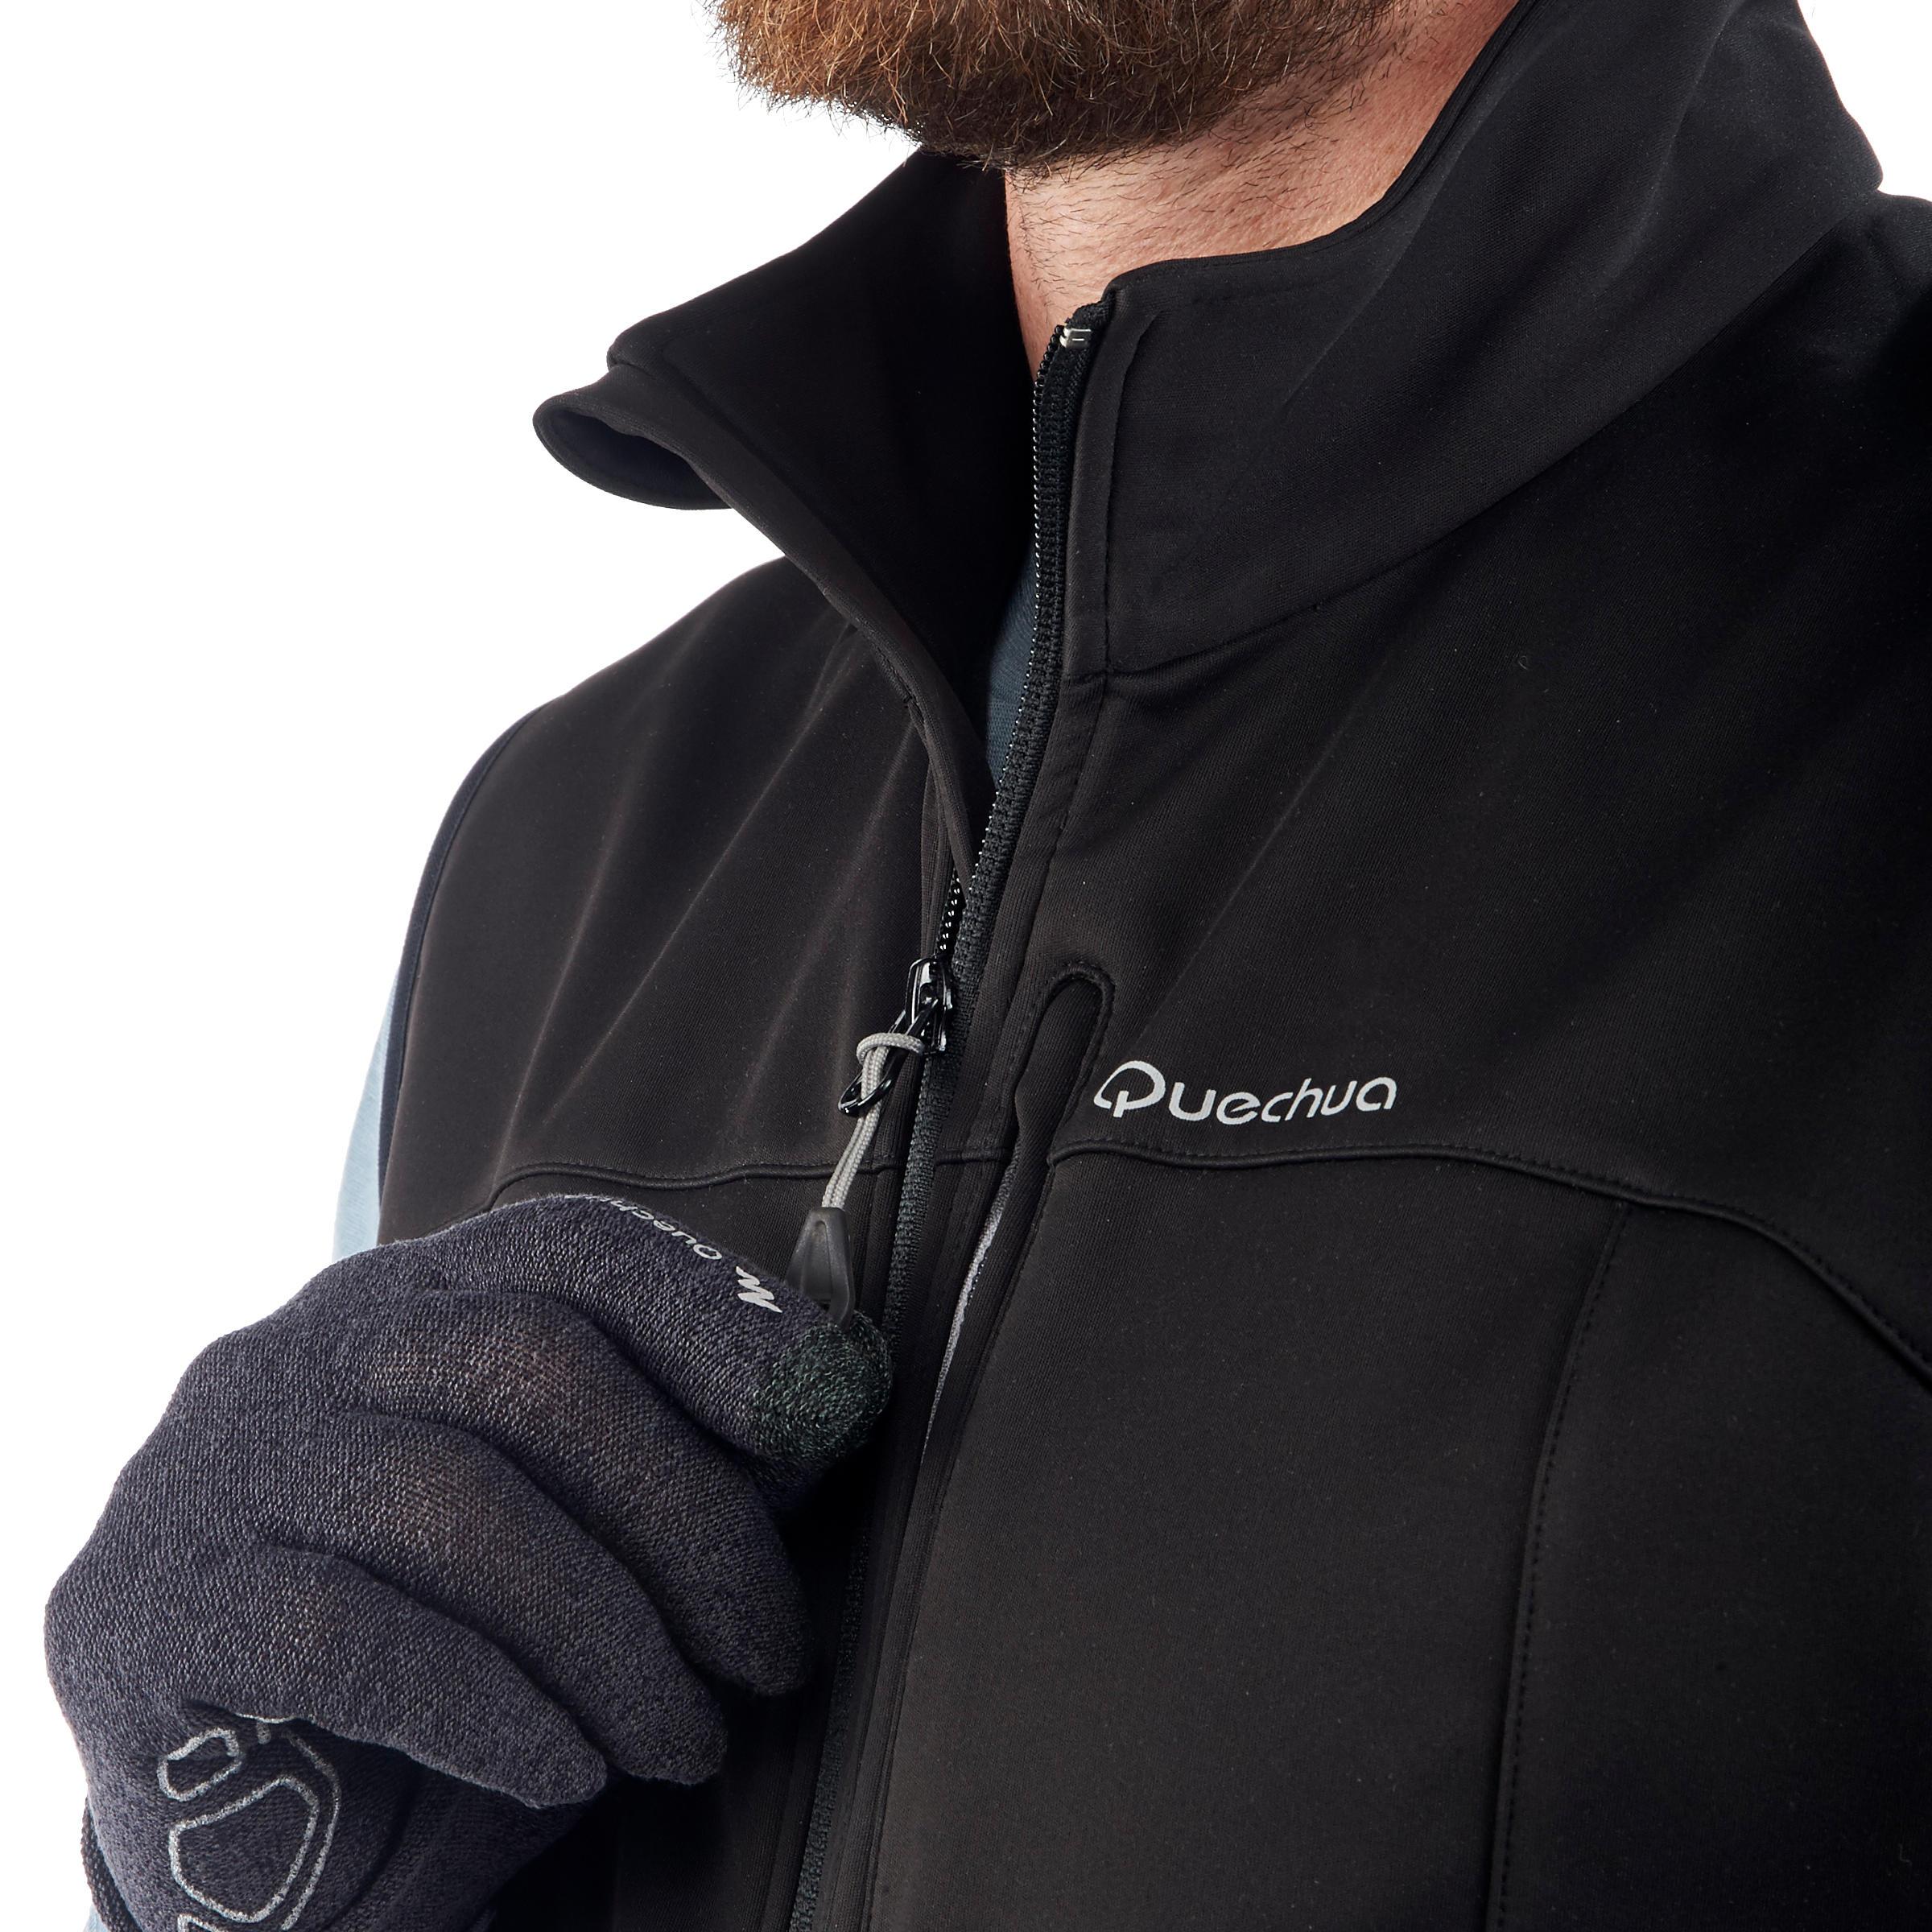 Men's Black TREK 700 Wind Mountain Trekking Vest